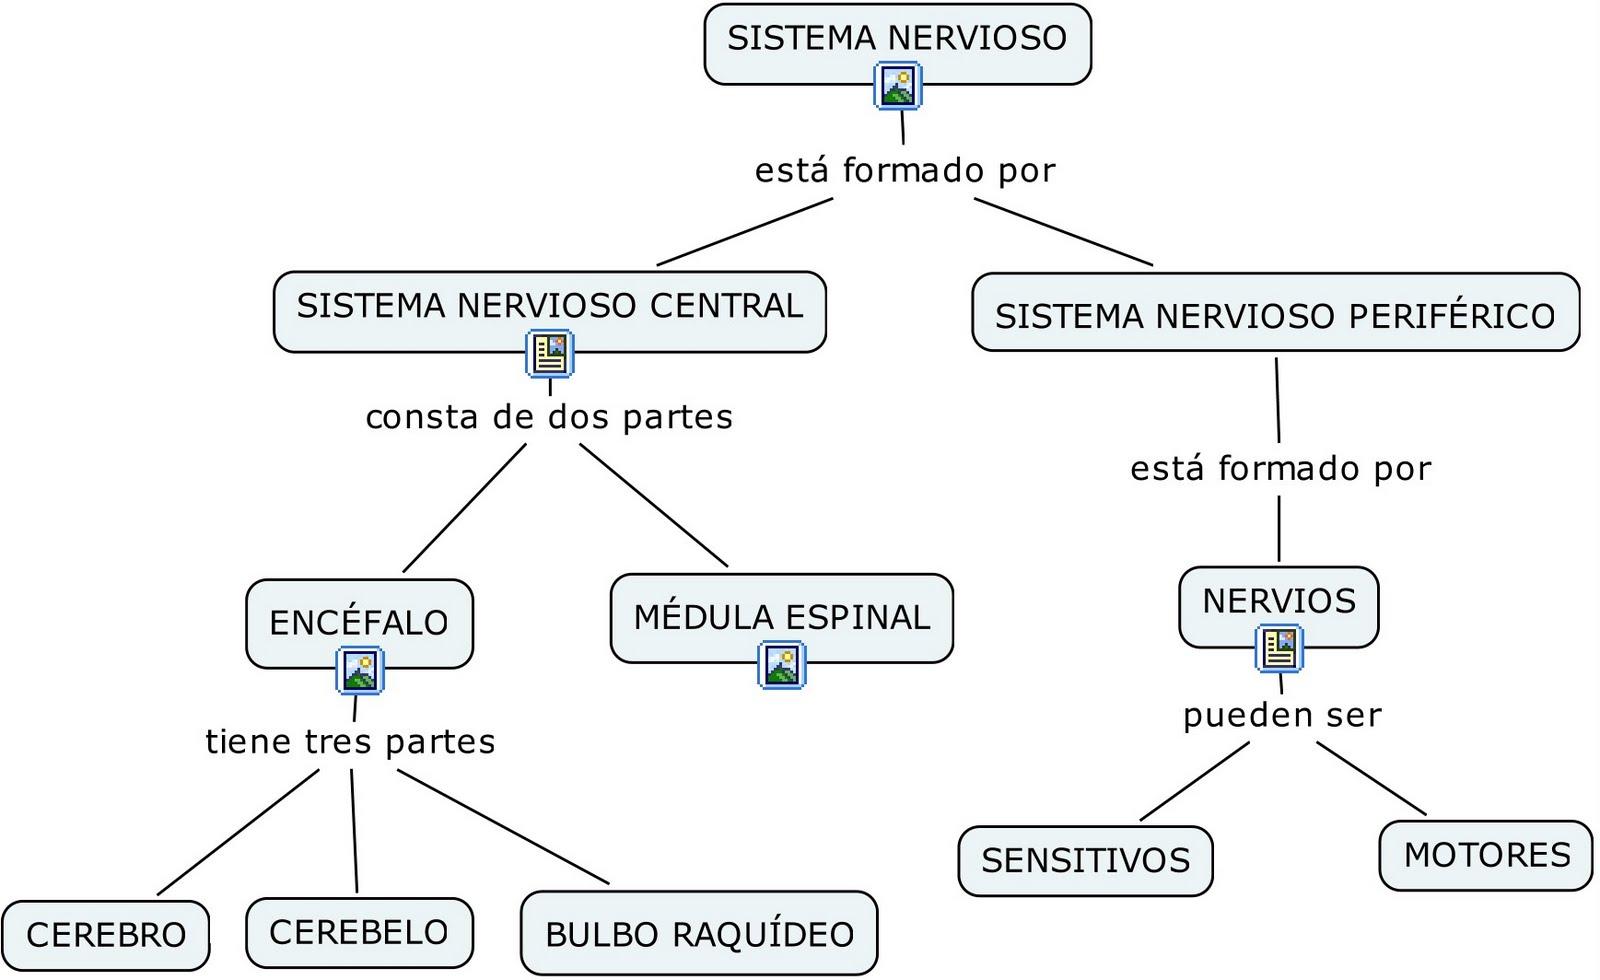 mapa conceptual sobre el sistema nervioso de los animales - Brainly.lat